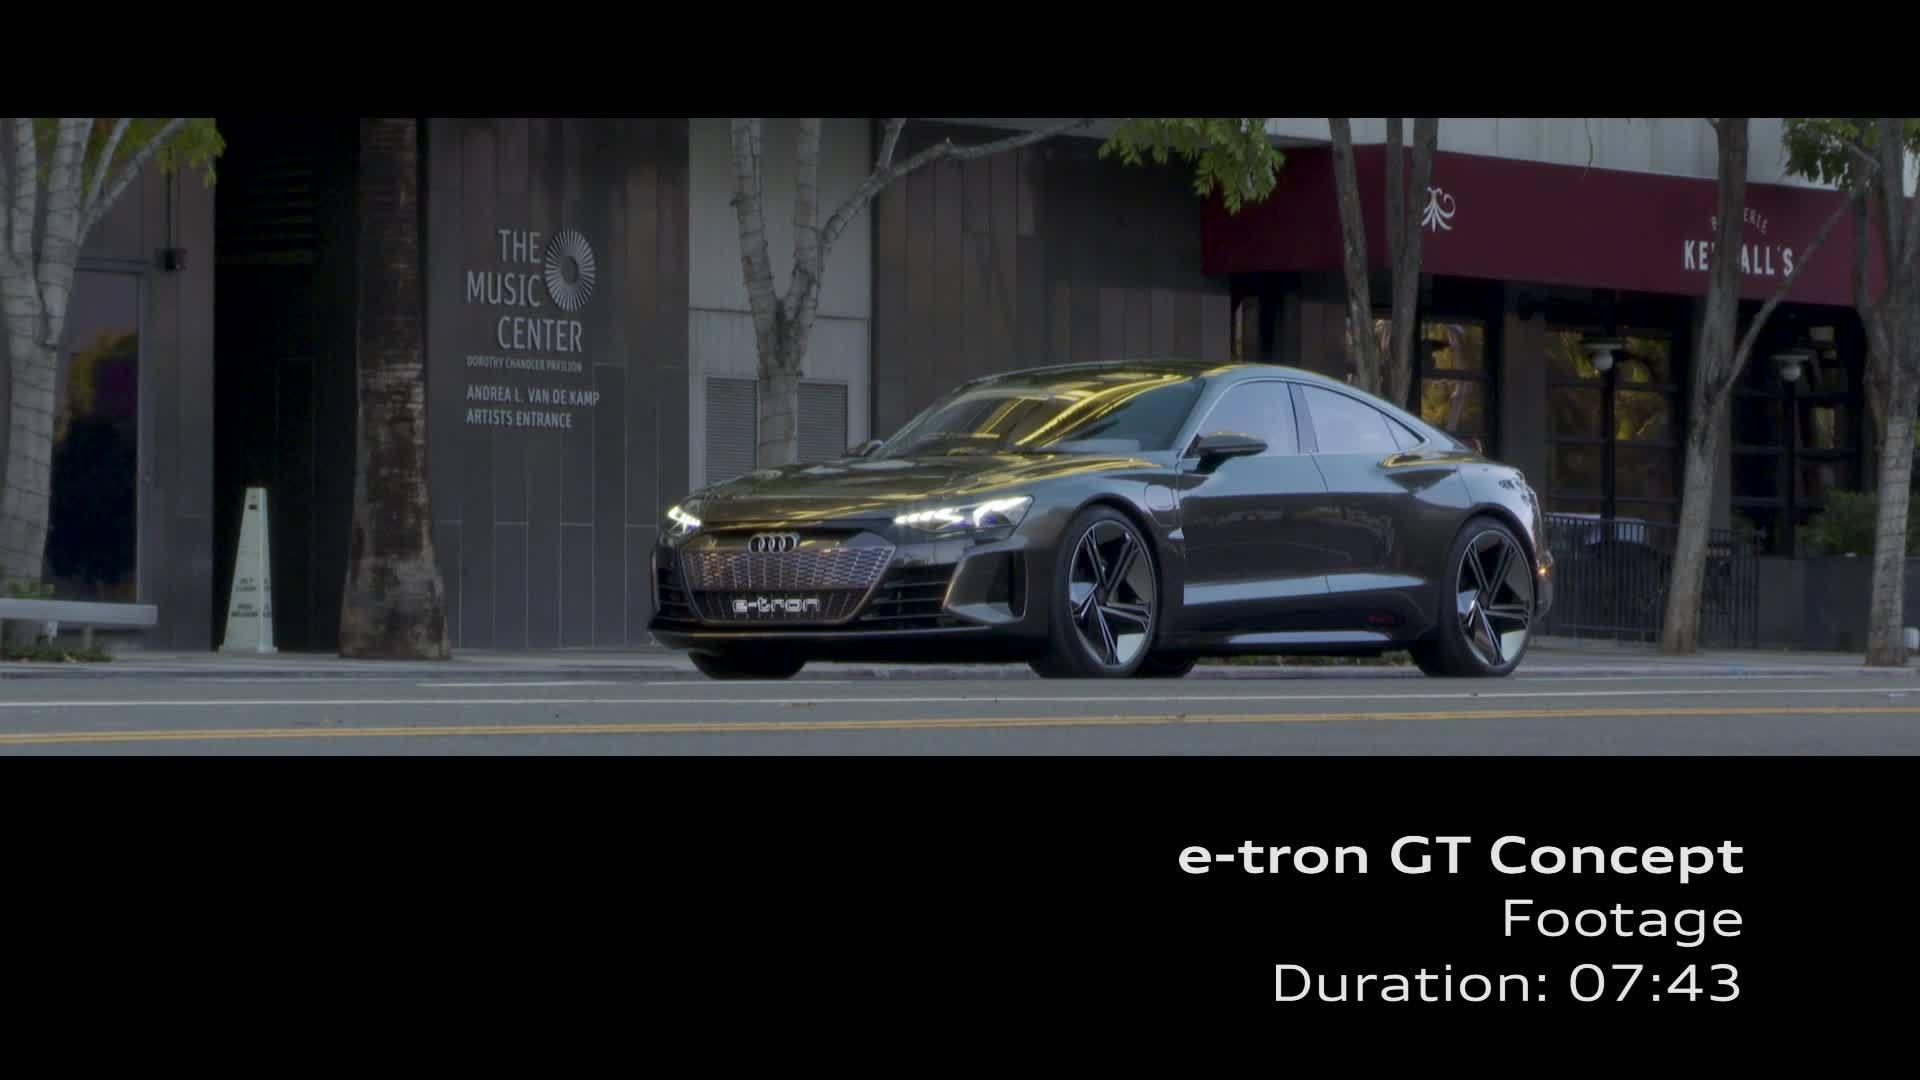 Audi e-tron GT concept auf den Straßen von Los Angeles (Footage)